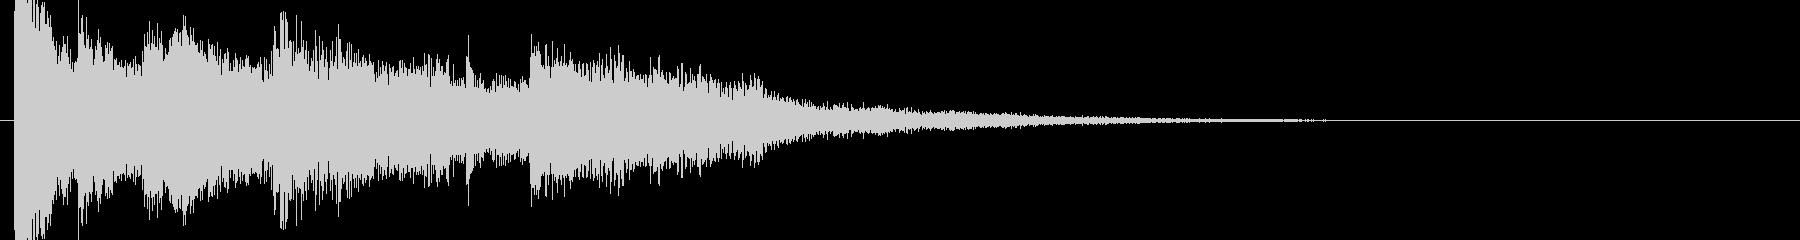 和風ジングルサウンドロゴ音戦国武士侍村の未再生の波形